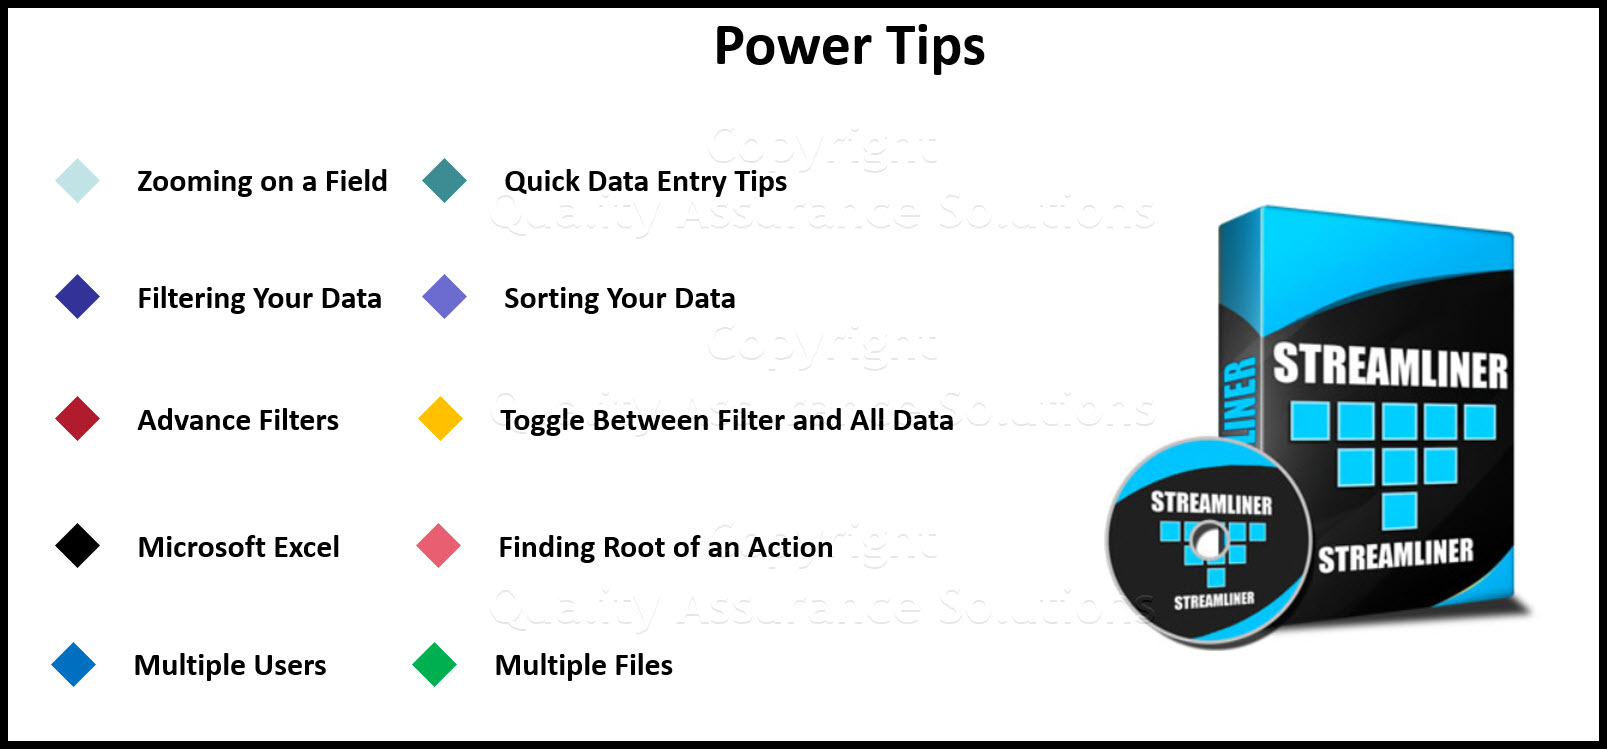 StreamLiner Power Tips business slide